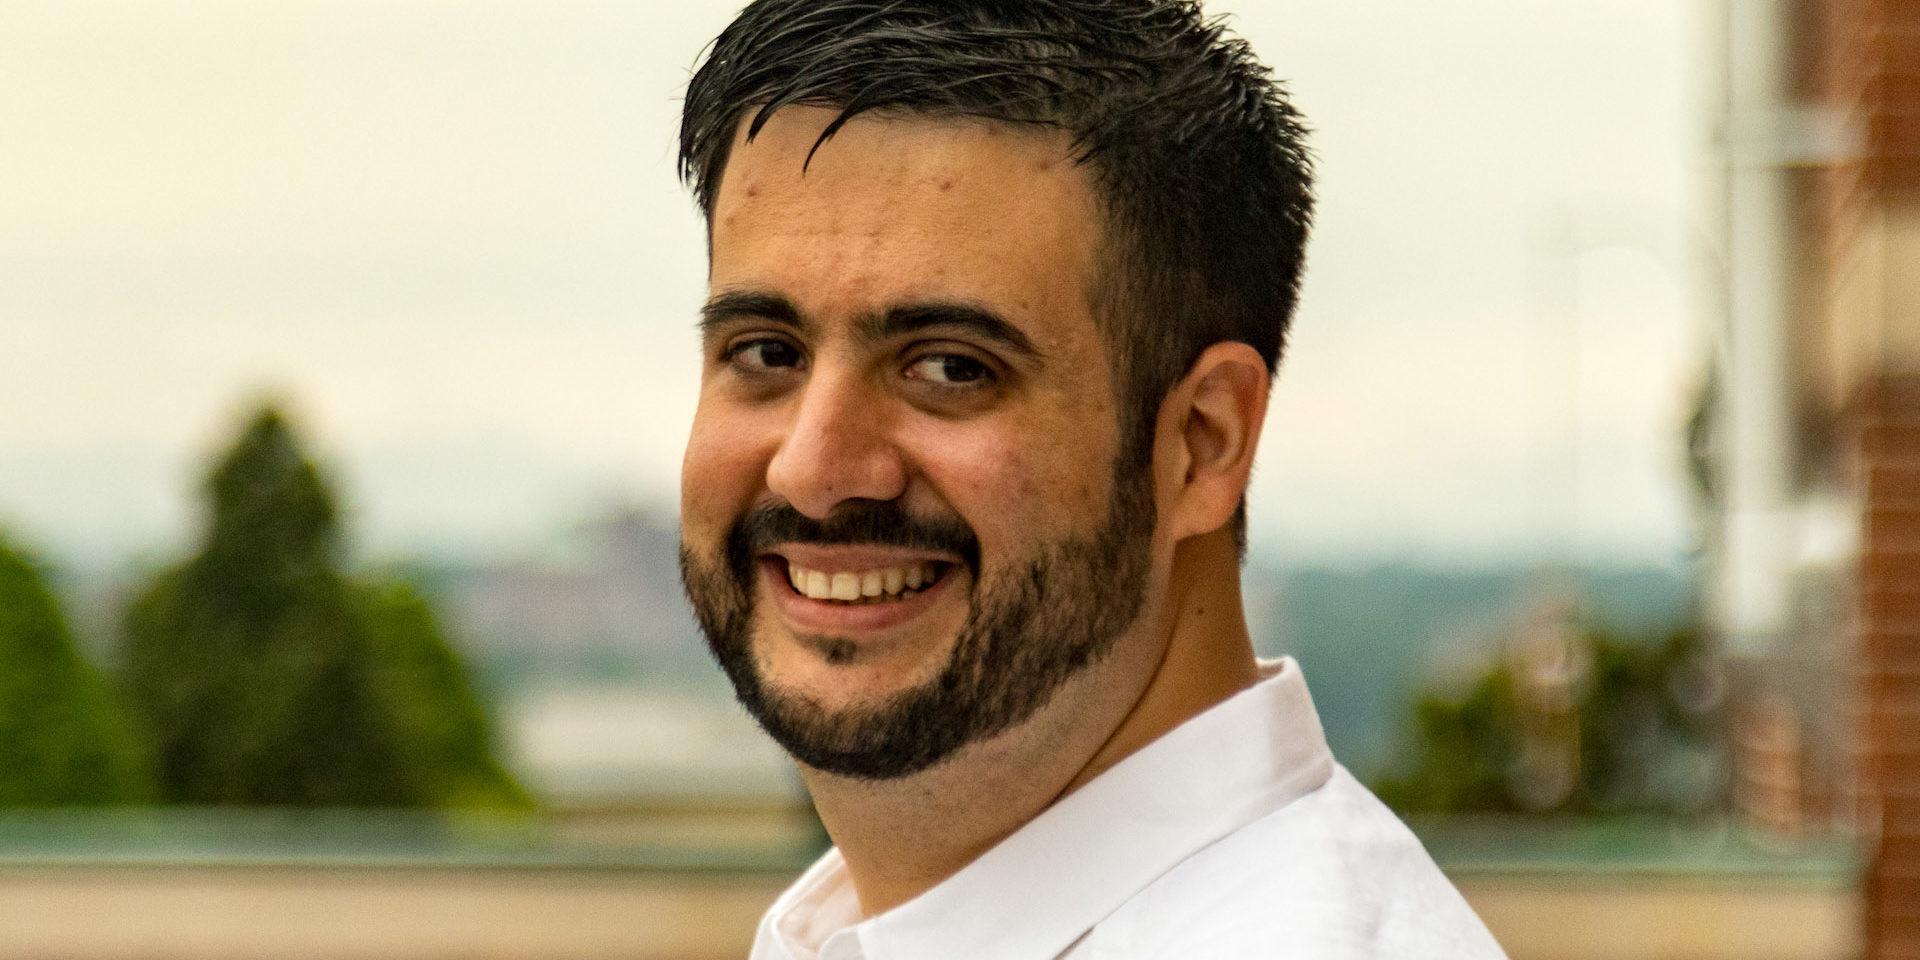 Usama Bilal